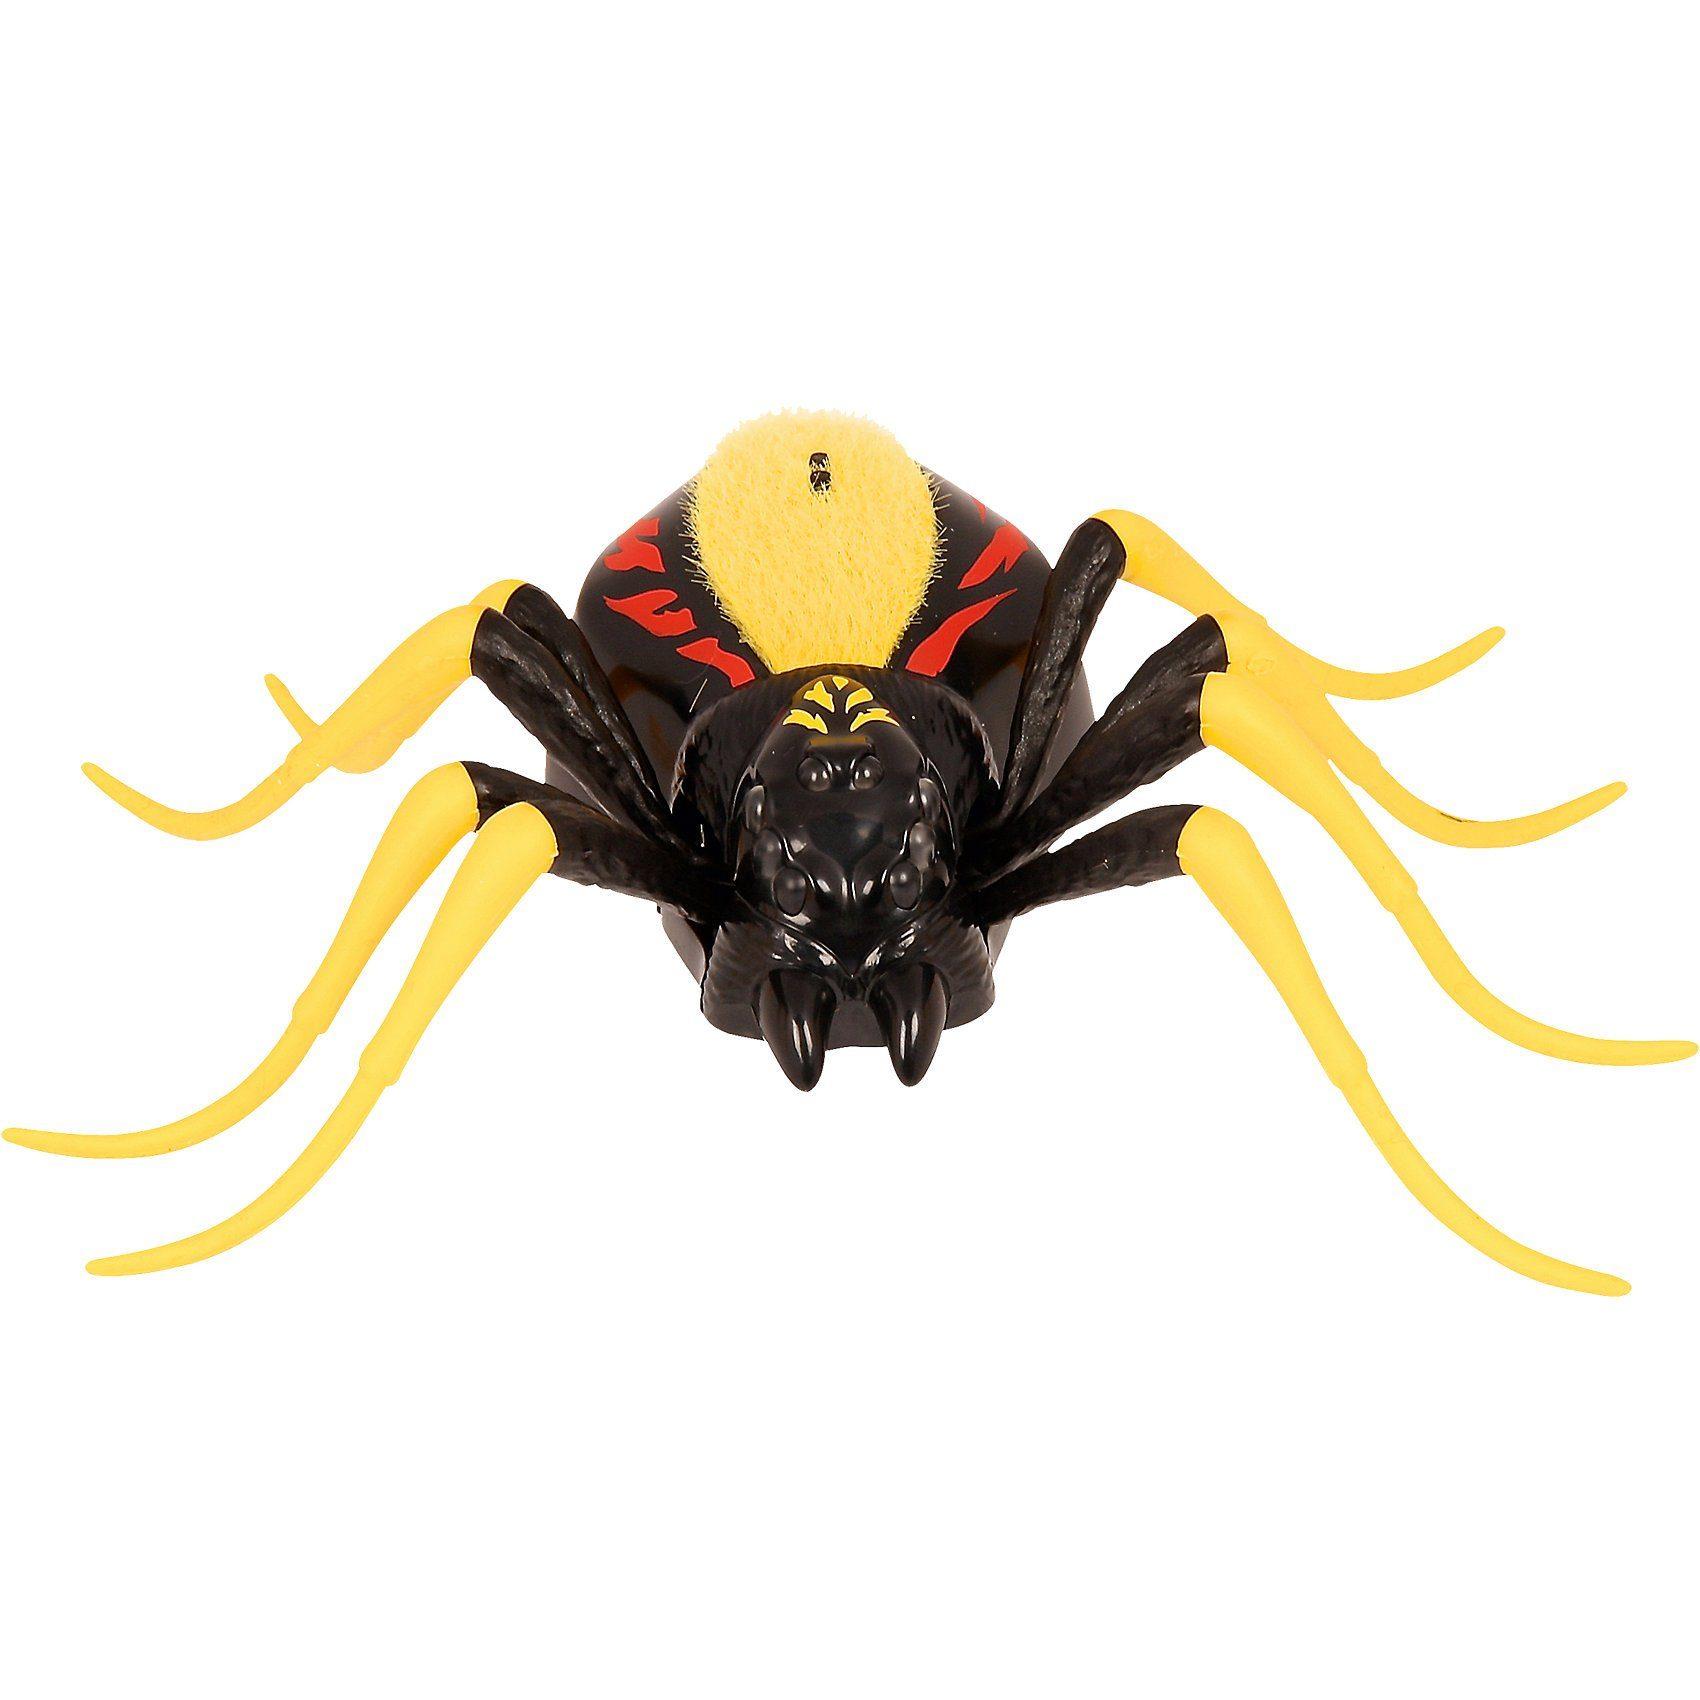 BOTI WILD PETS Serie 2 - Spinne schwarz/gelb